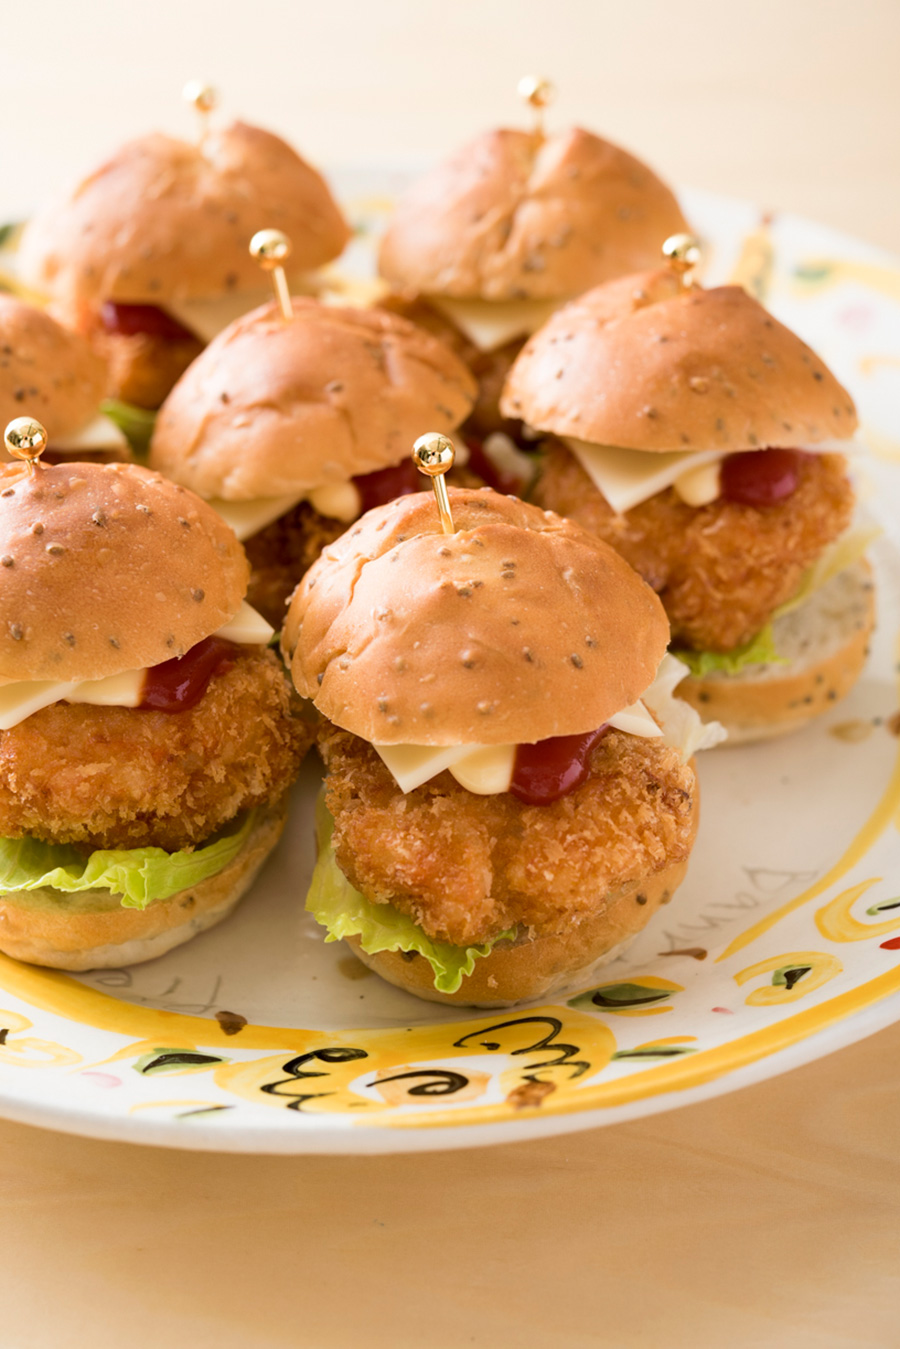 甘みや塩味が少ない丸型のバンズに挟んだエビカツ。ミニサイズが食べやすい。